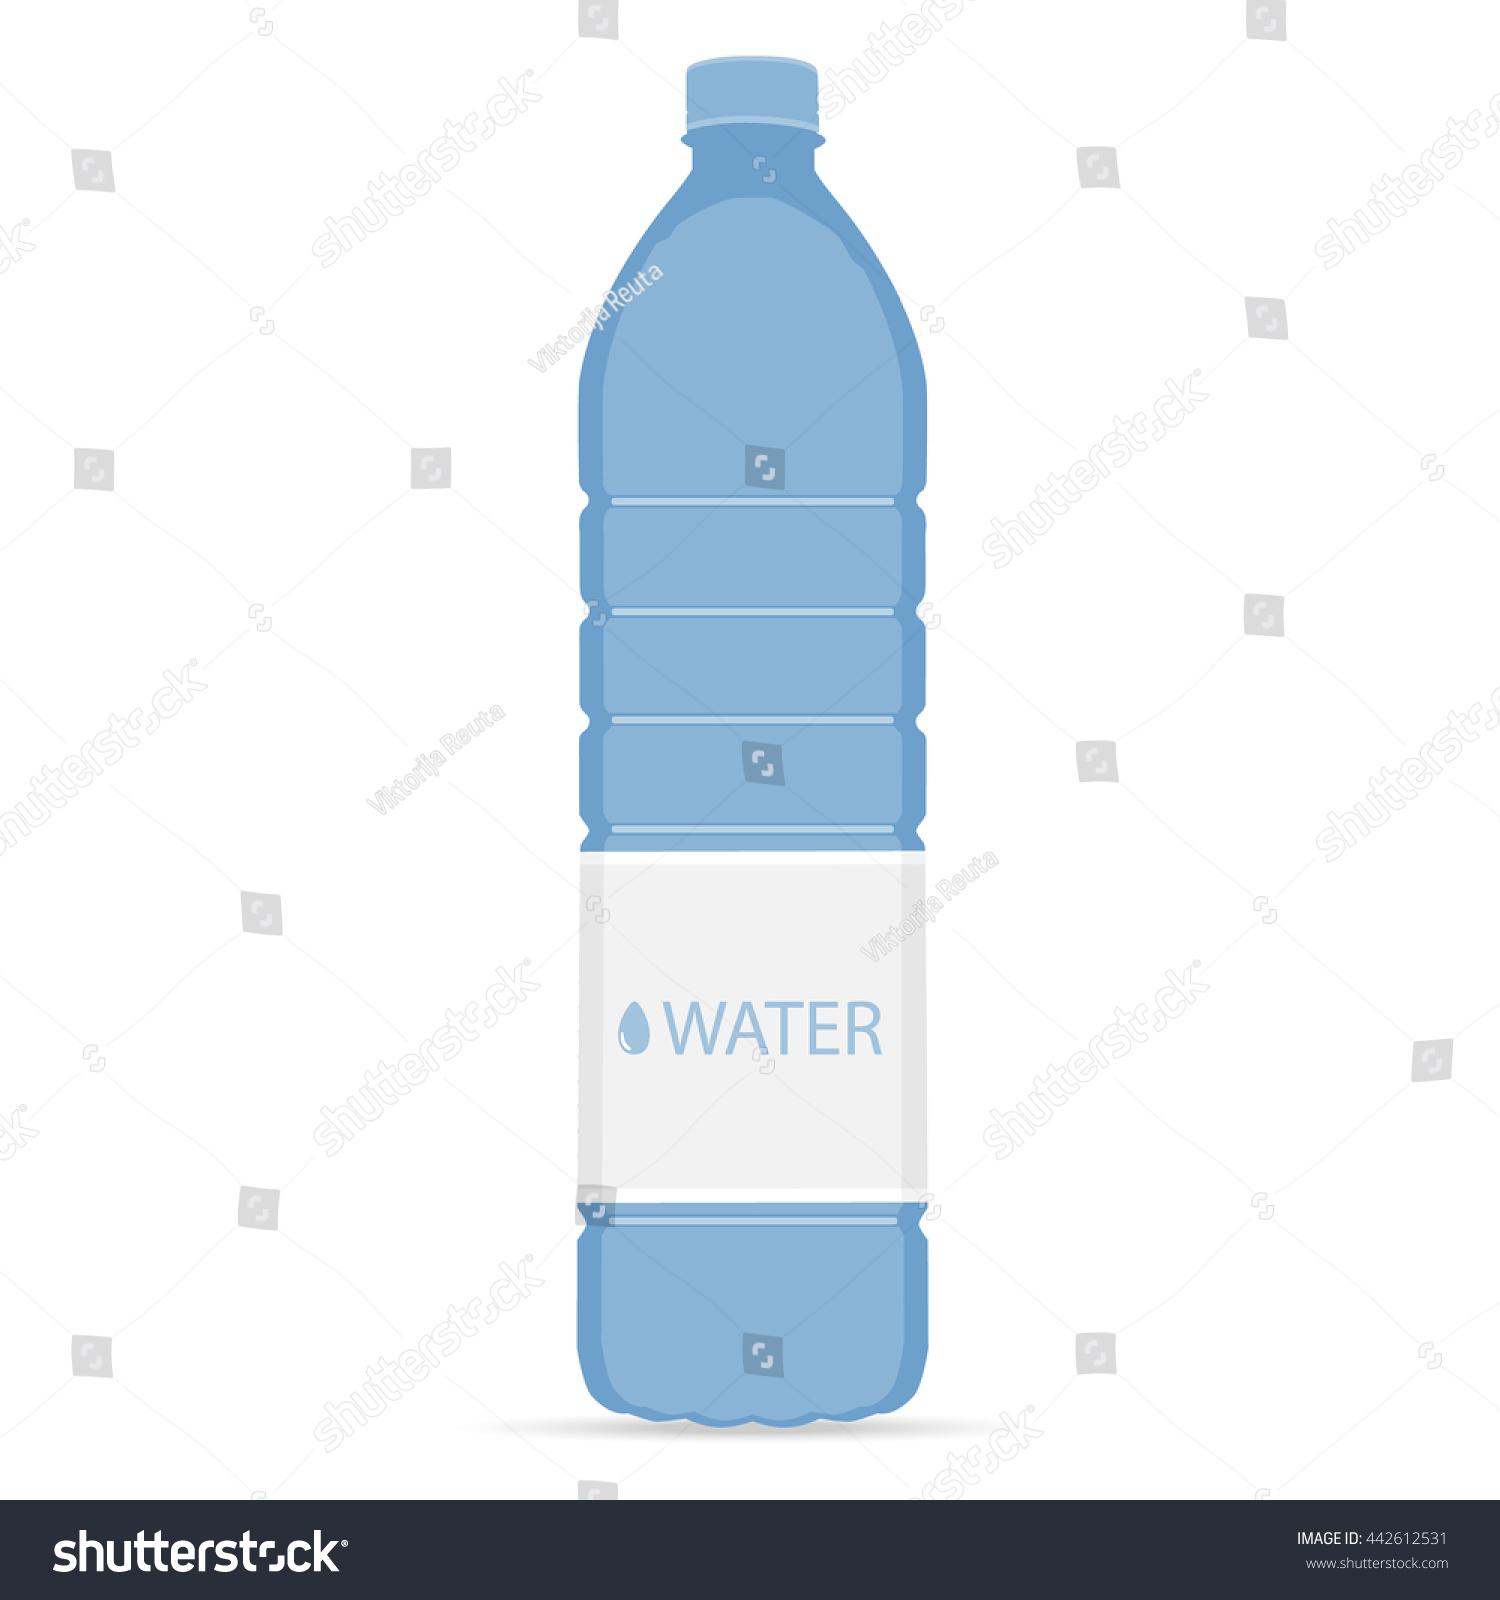 Water Bottle Vector: Vector Illustration Bottle Mineral Water Bottle Stock